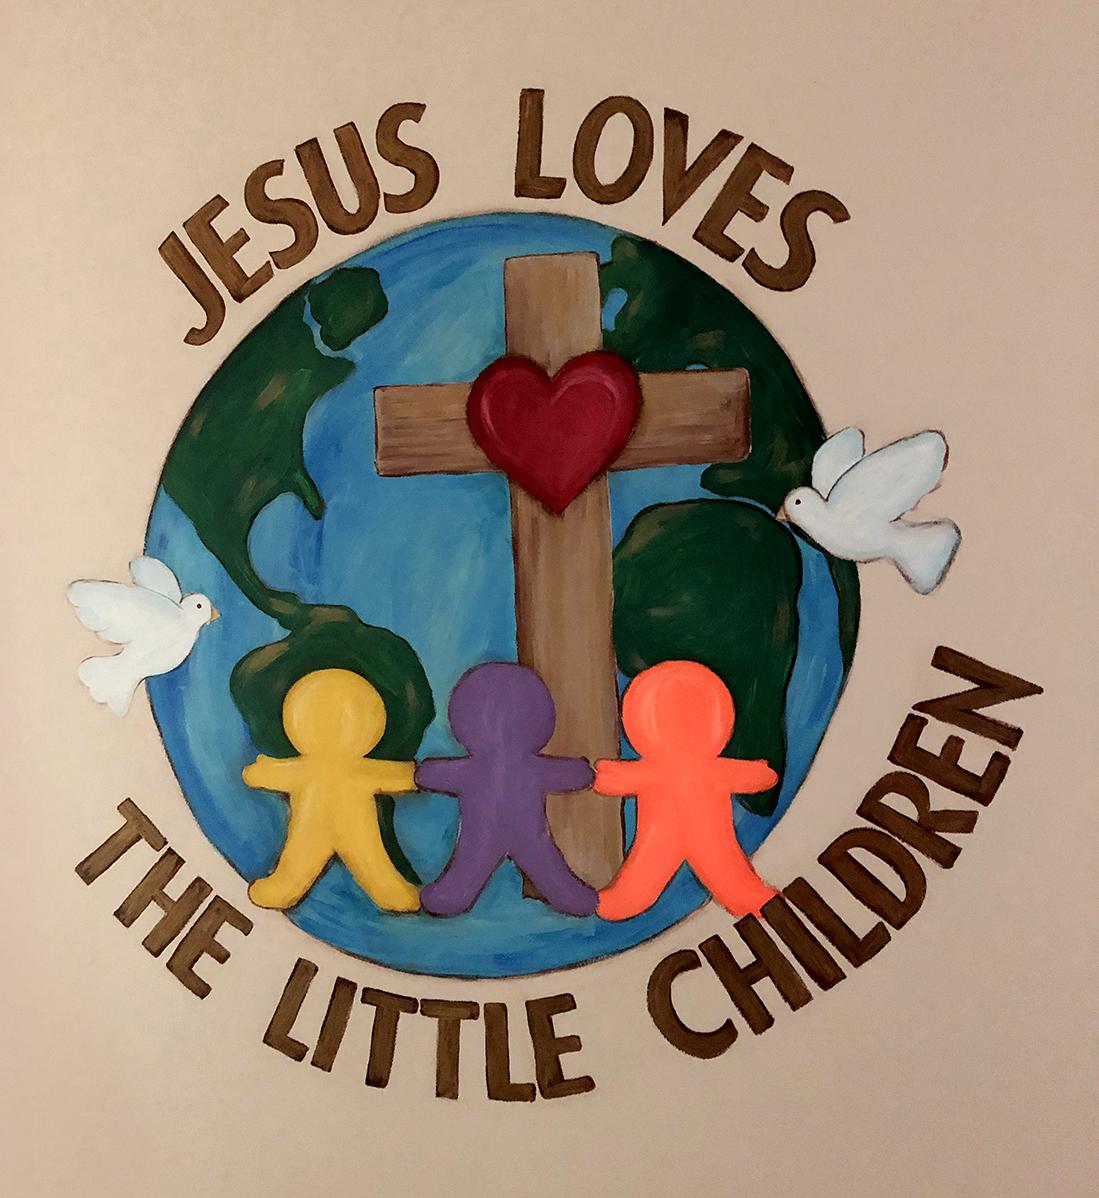 holycross-jesus-loves-children-mural_medium